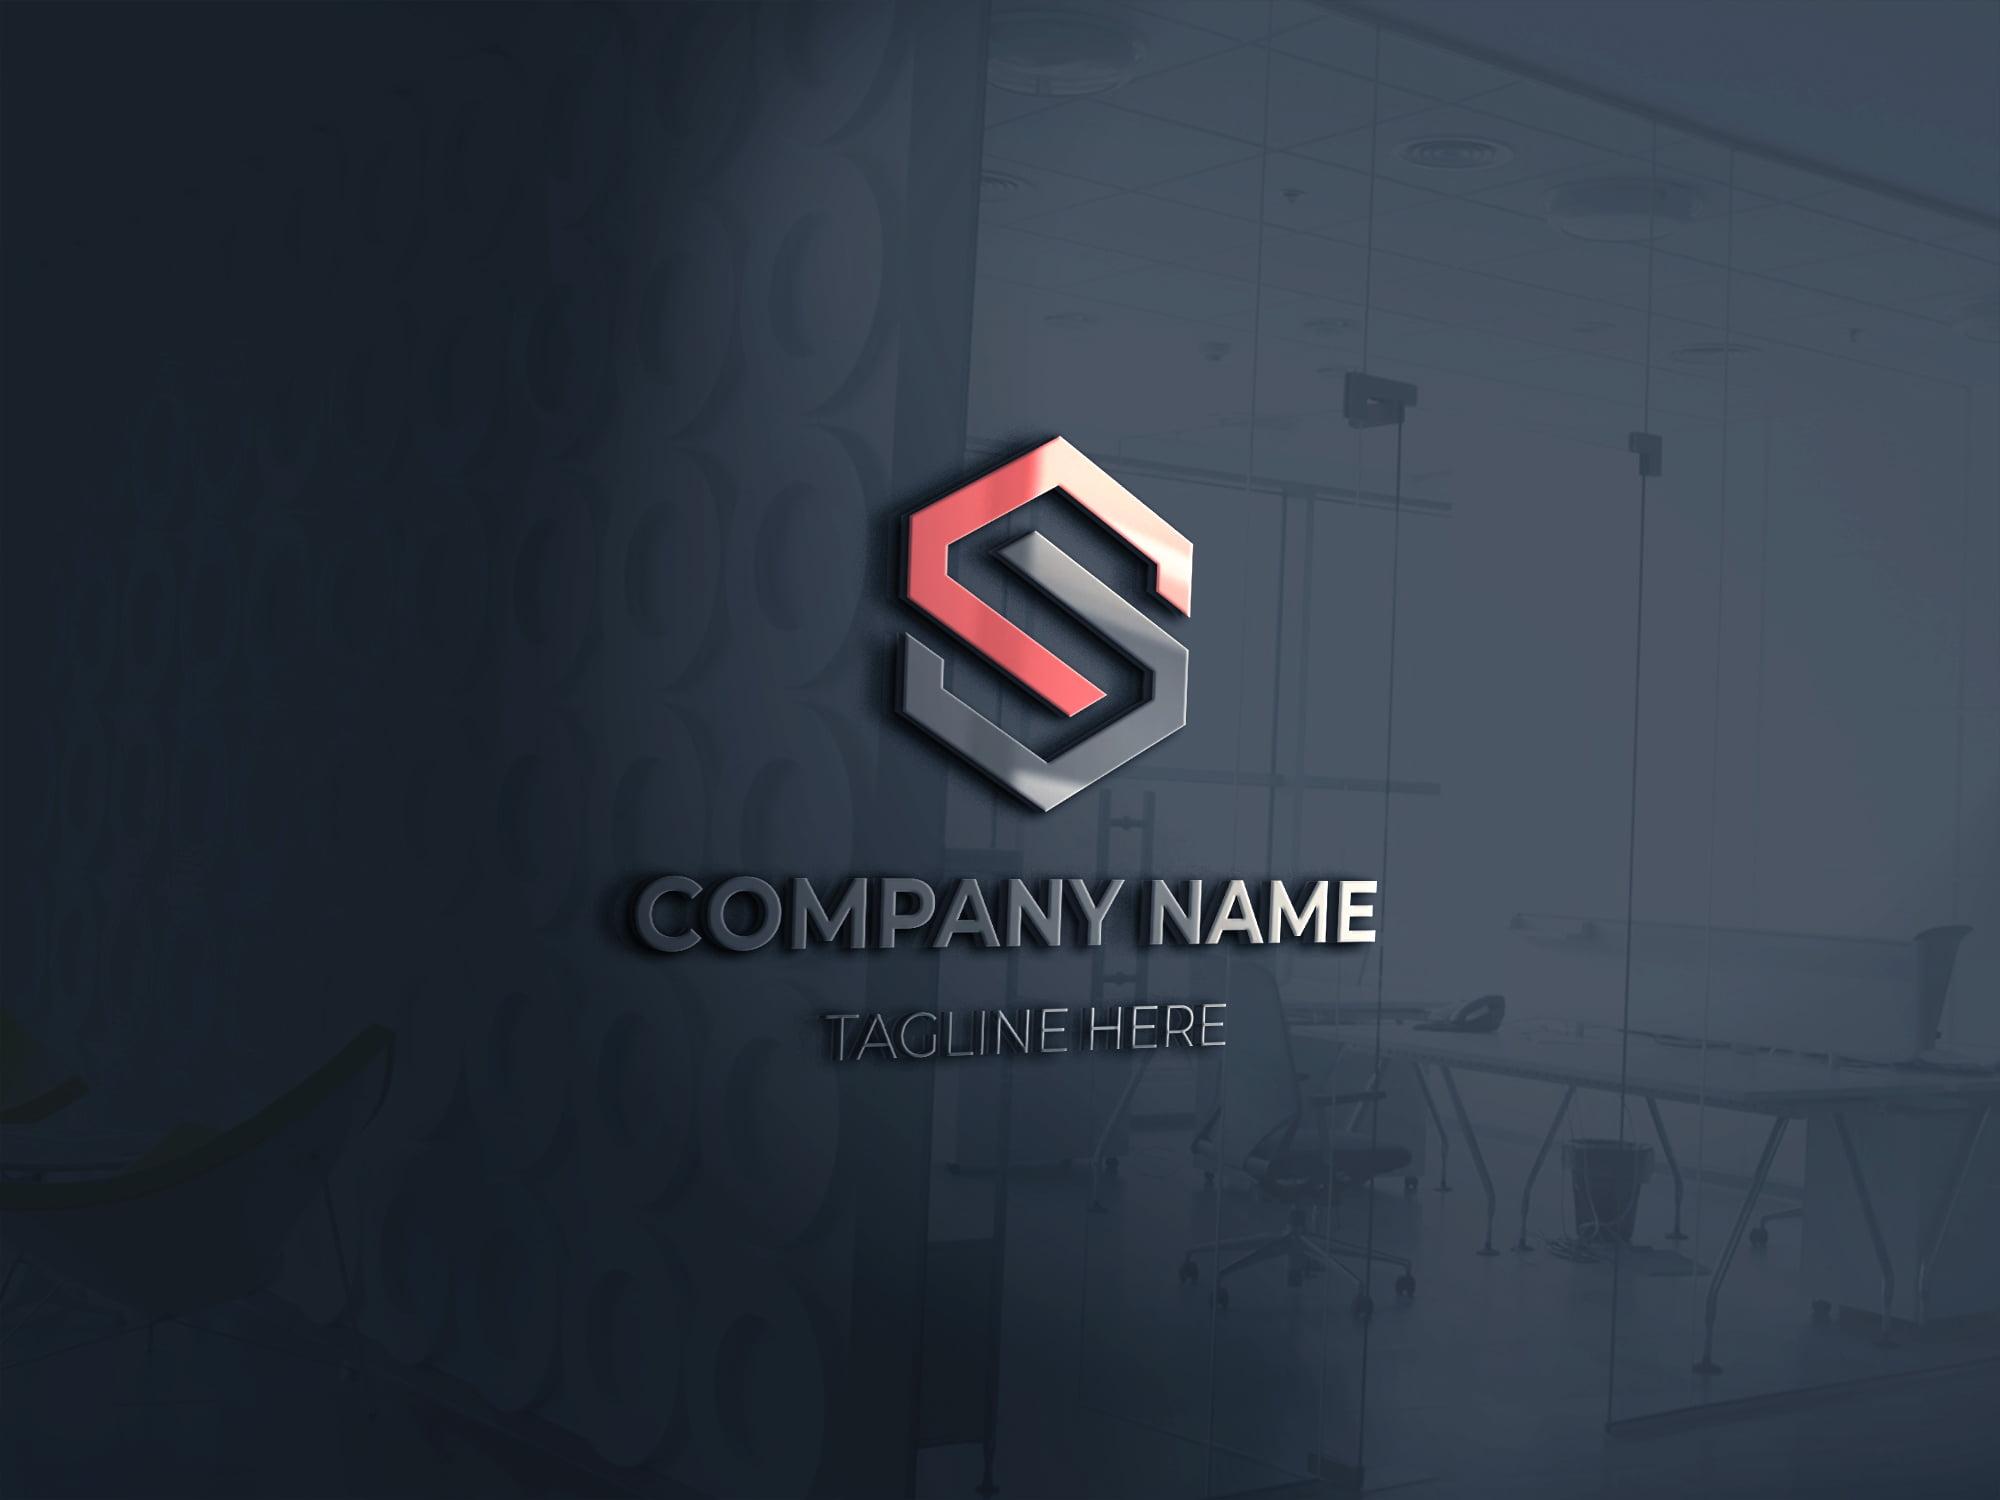 3d s letter logo design presentation